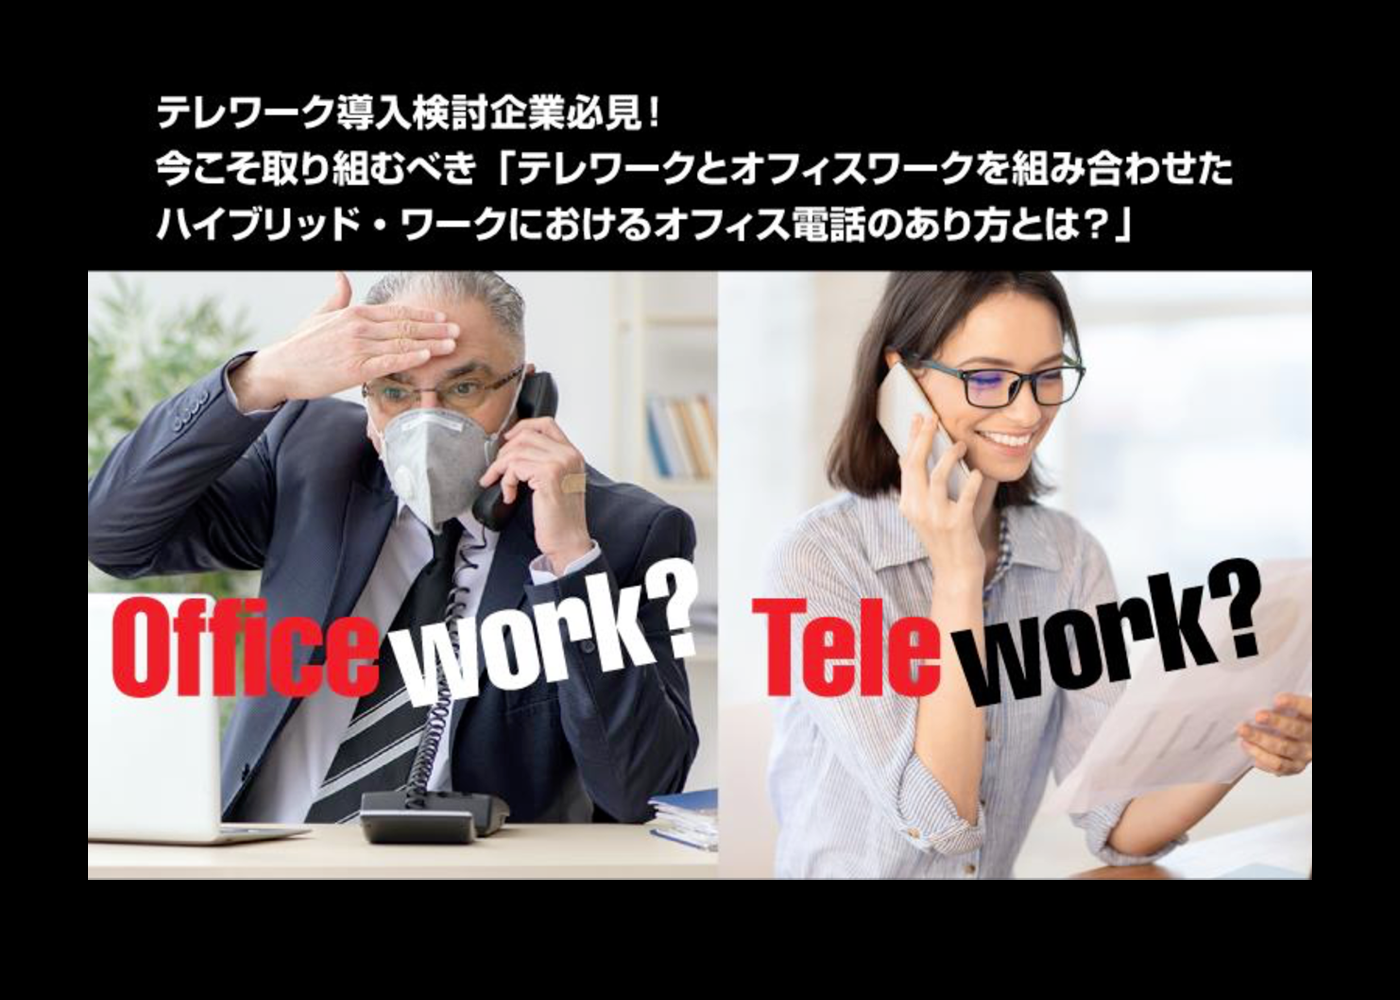 【セミナー レビュー】テレワークとオフィスワークを組み合わせたハイブリッド・ワークにおけるオフィス電話のあり方とは?